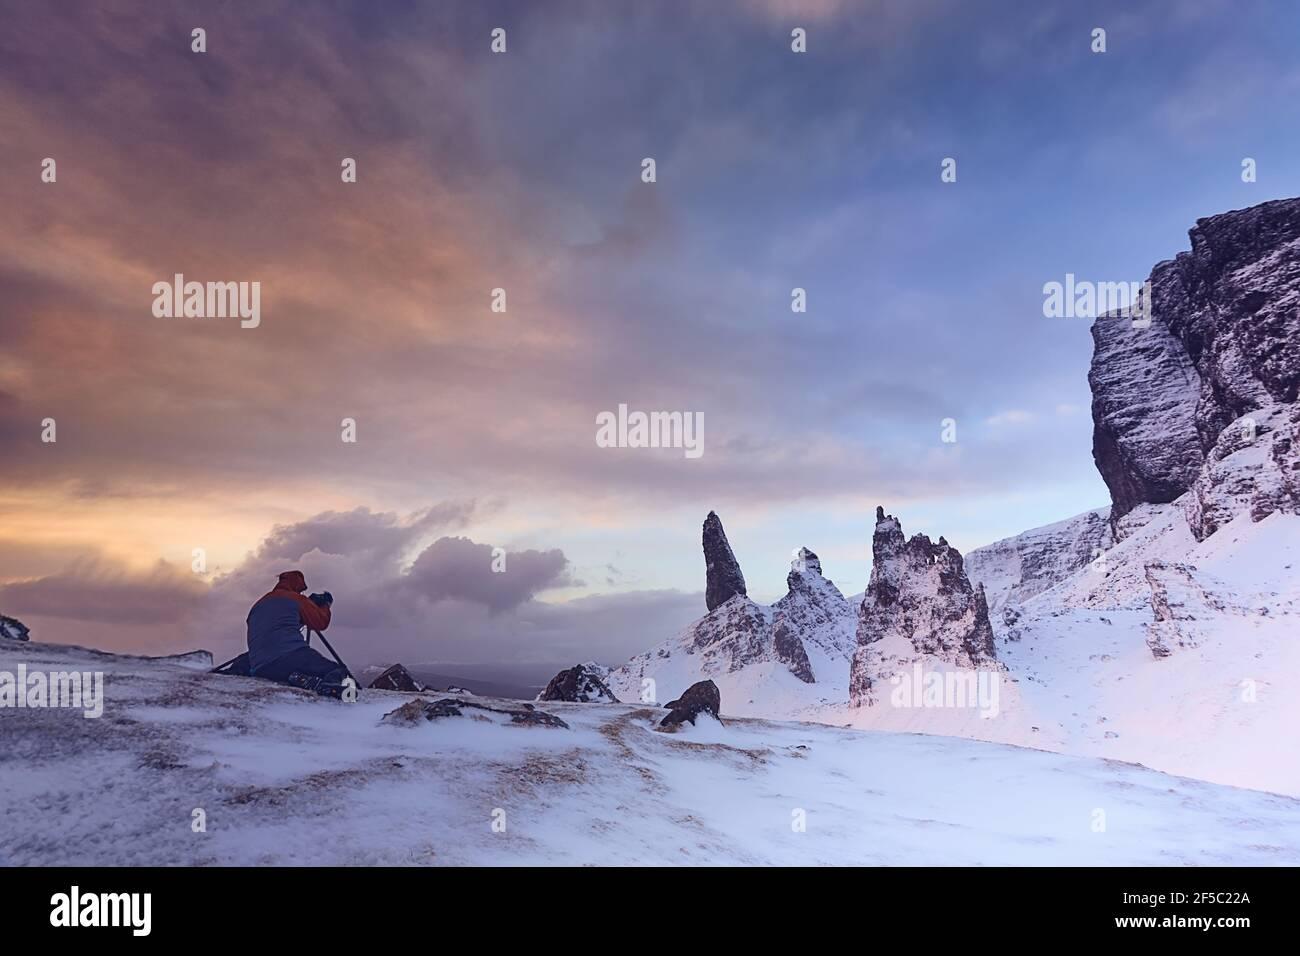 Fotógrafo fotografiado de Old Man Storr, Isle Skye, Escocia. Invierno, montaña muy nevada en un amanecer muy potente Foto de stock